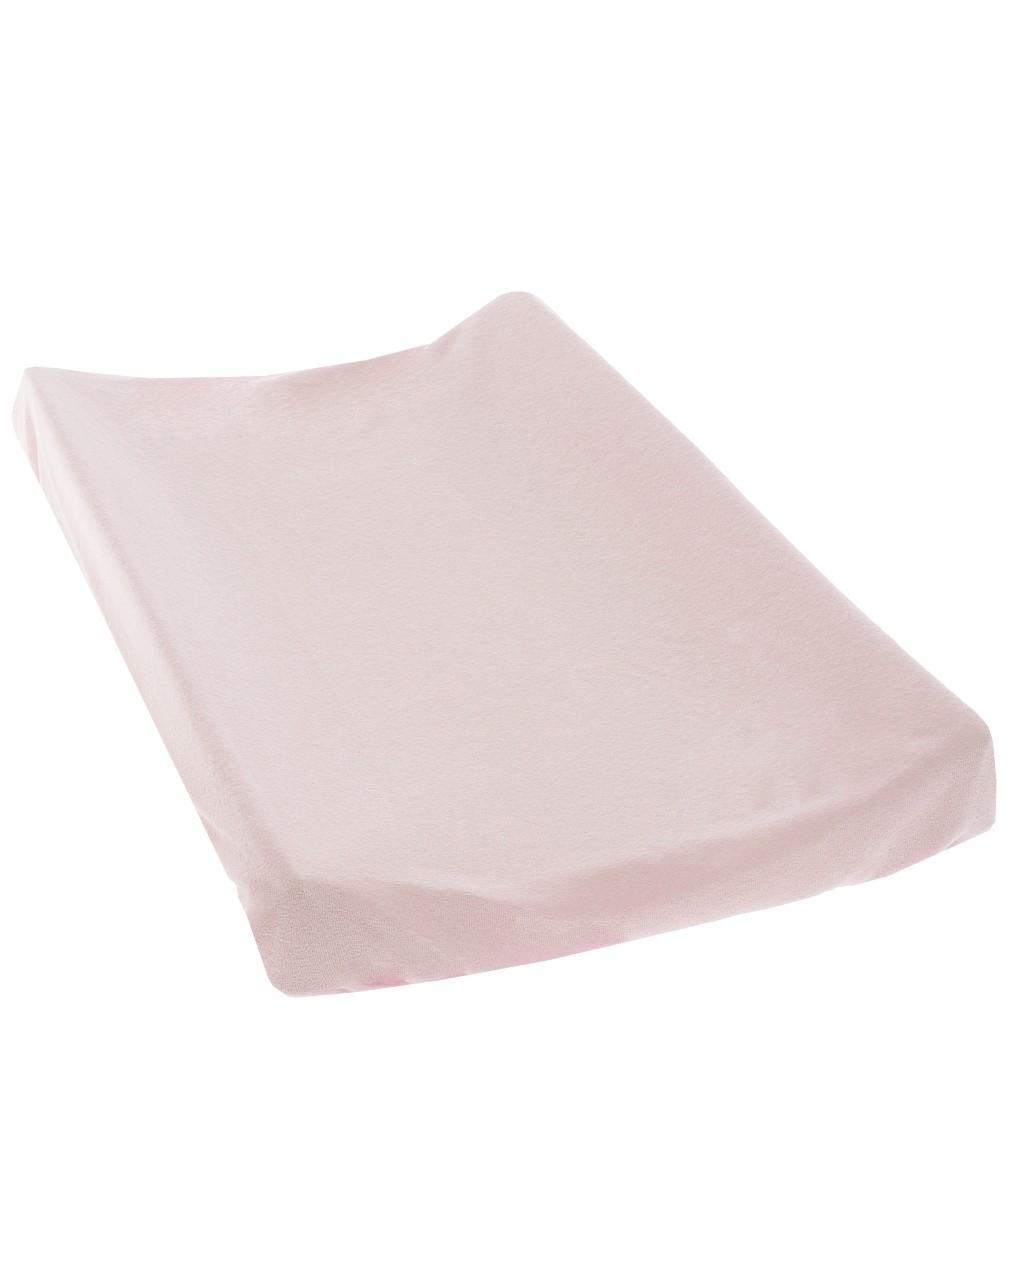 Universaler Bezug für Wickelauflage Pink